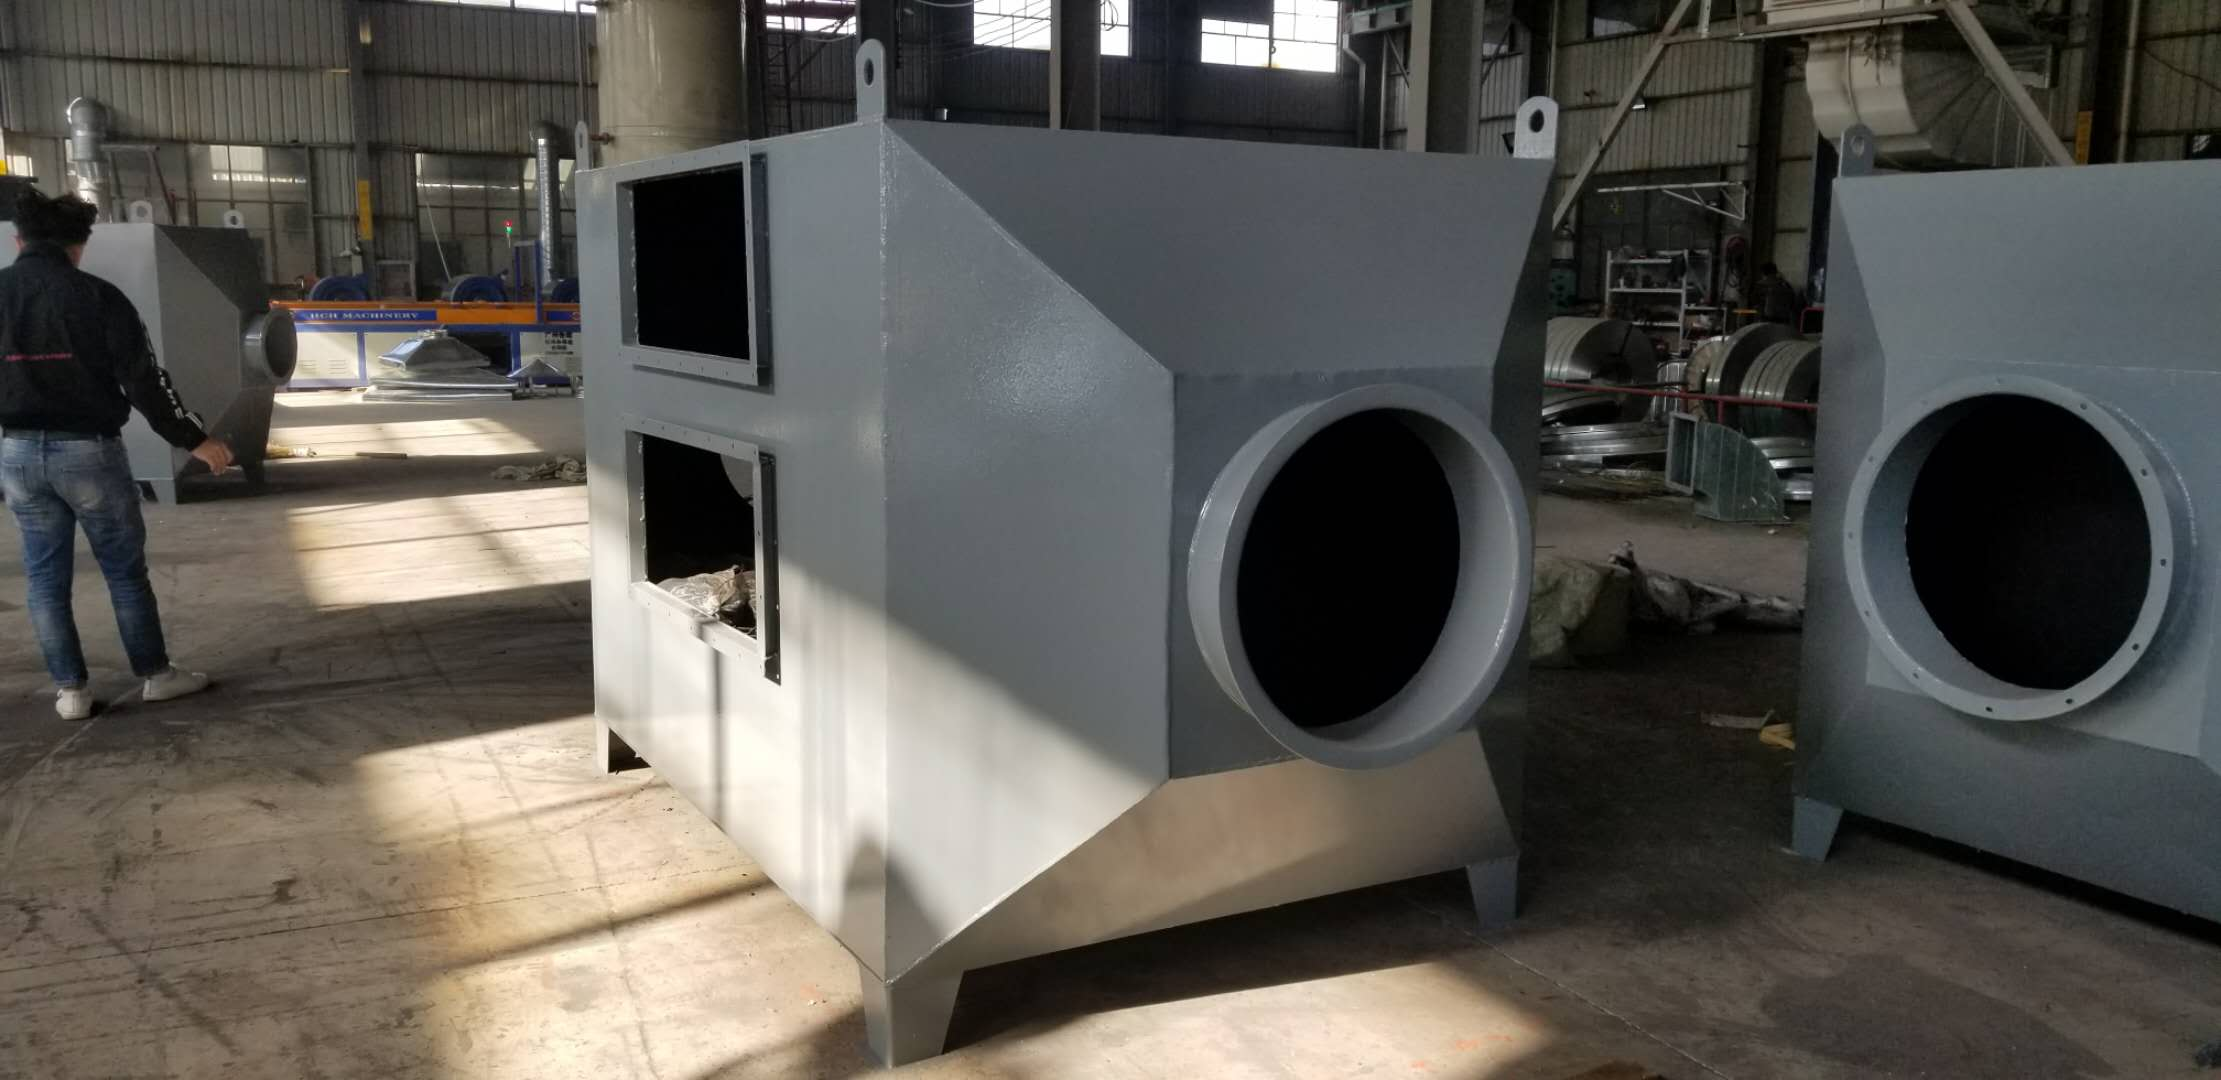 宁波环保设备品牌-环保设备-环保设备厂家